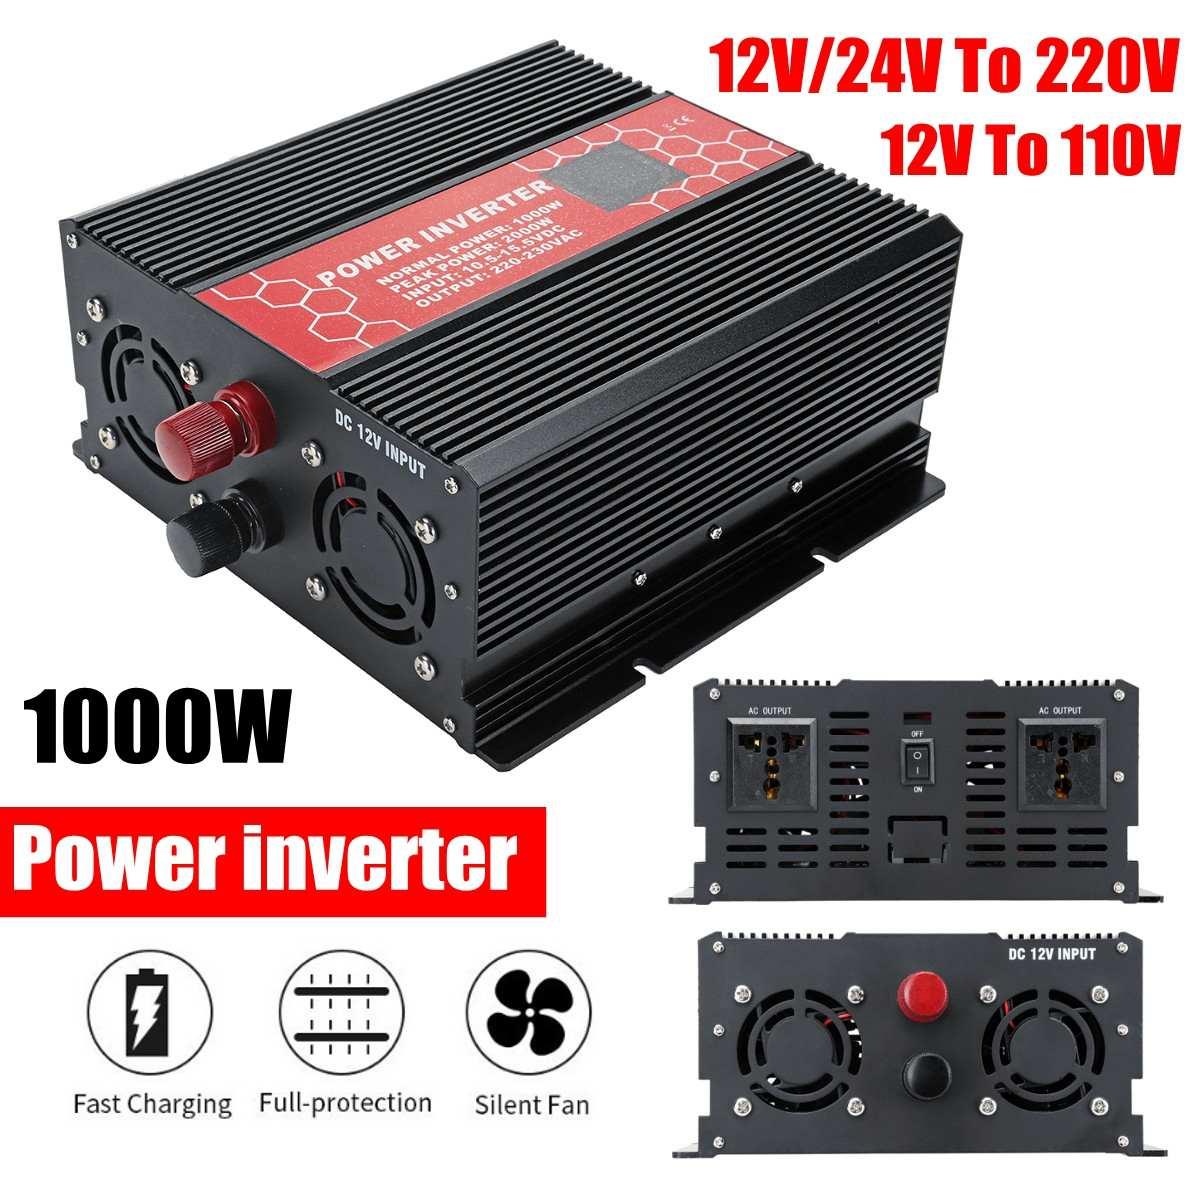 Convertisseur Intelligent d'inverseur d'écran 12/24 V à 110/220 V 1000 W 20000 W convertisseur d'inverseur de transformateur de tension d'onde sinusoïdale modifiée par crête